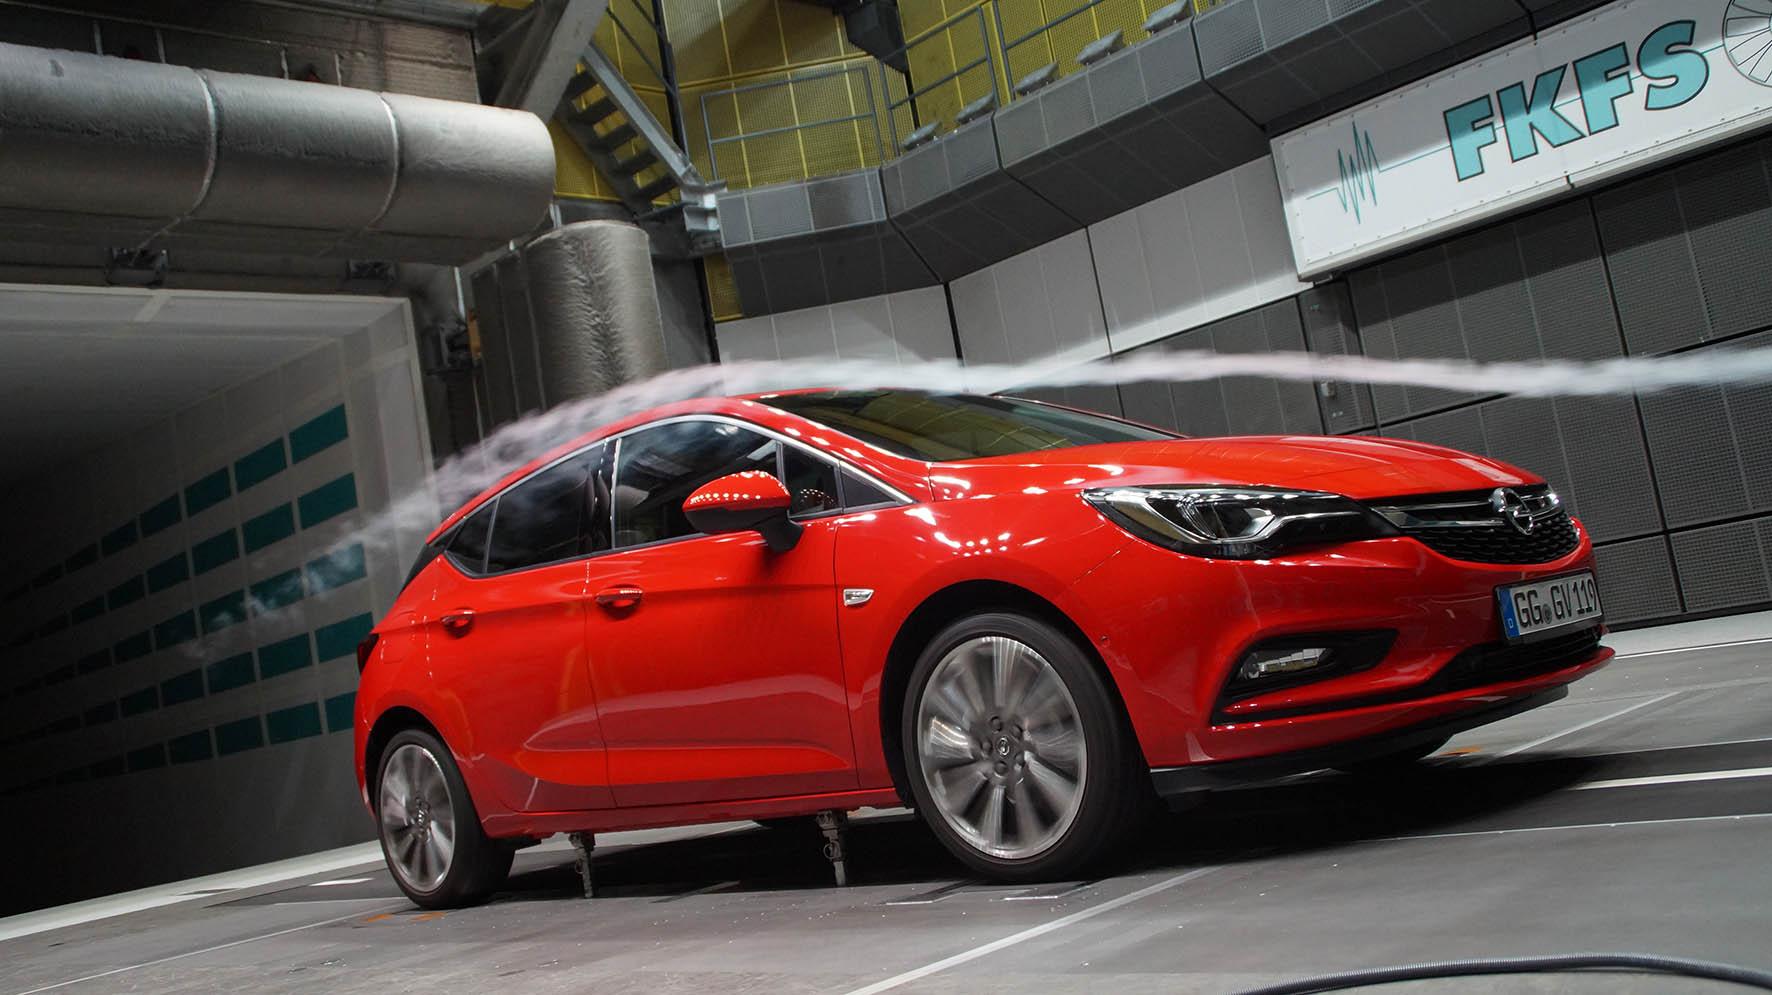 Voor de aerodynamica werkt Opel samen met de universiteit van Stuttgart, die over een heel moderne windtunnel beschikt. Merk bijvoorbeeld op dat hier realistisch gemeten wordt met draaiende wielen.